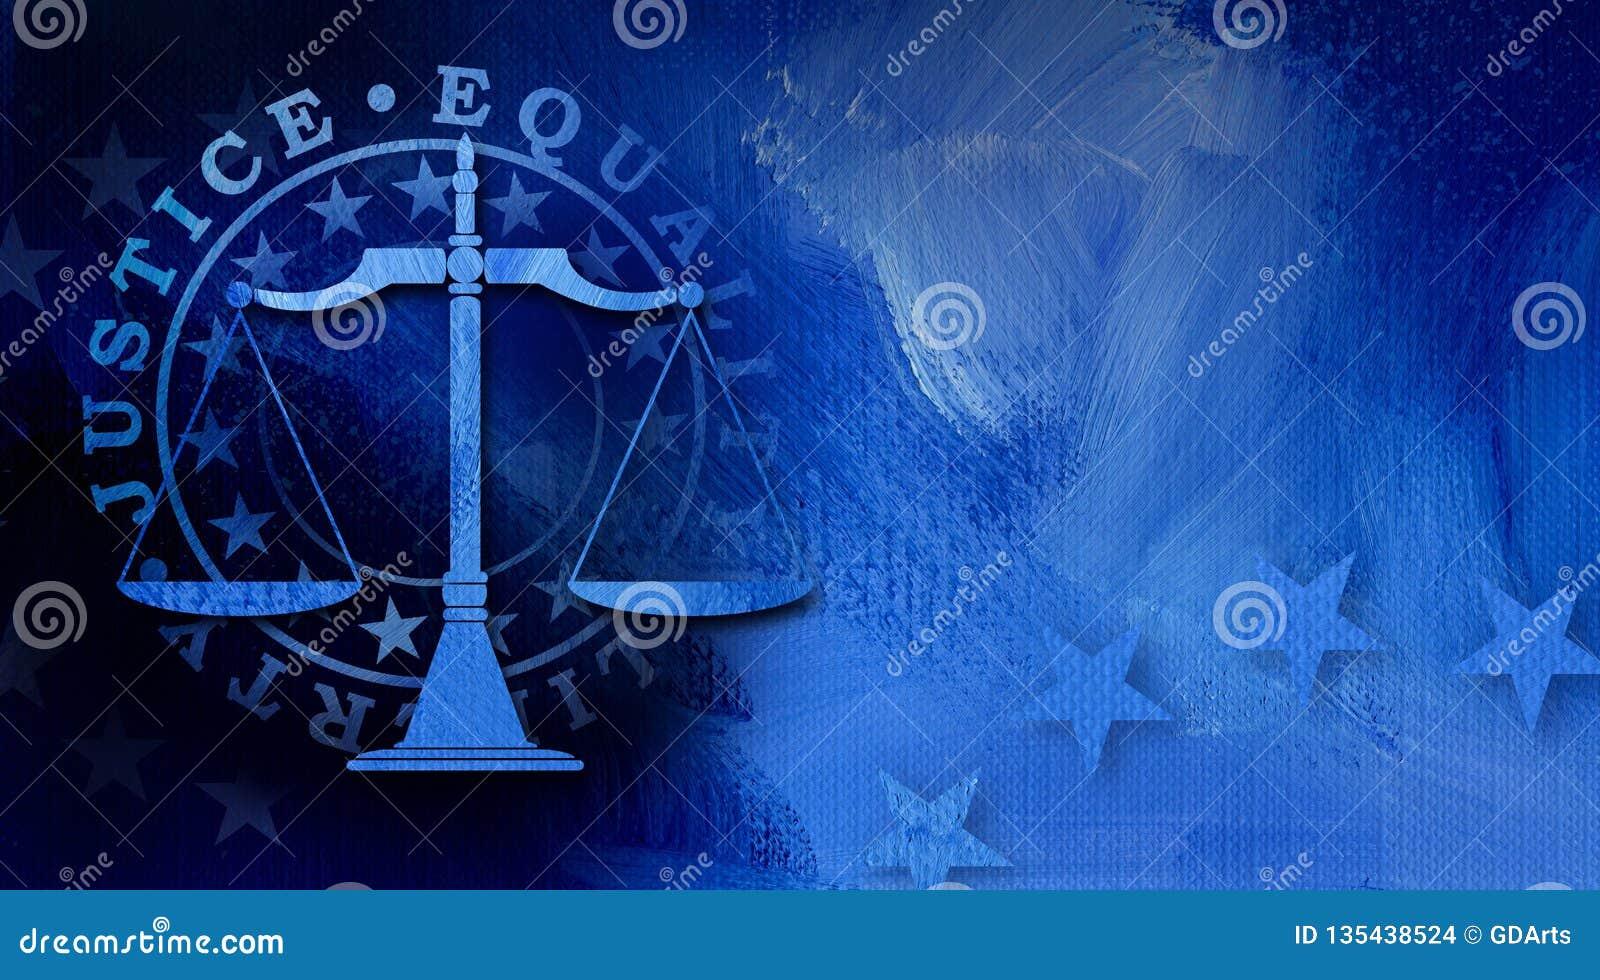 Échelles De Justice Juridique Avec Le Fond Abstrait Graphique D'égalité Et  De Liberty Seal Illustration Stock - Illustration du avec, seal: 135438524